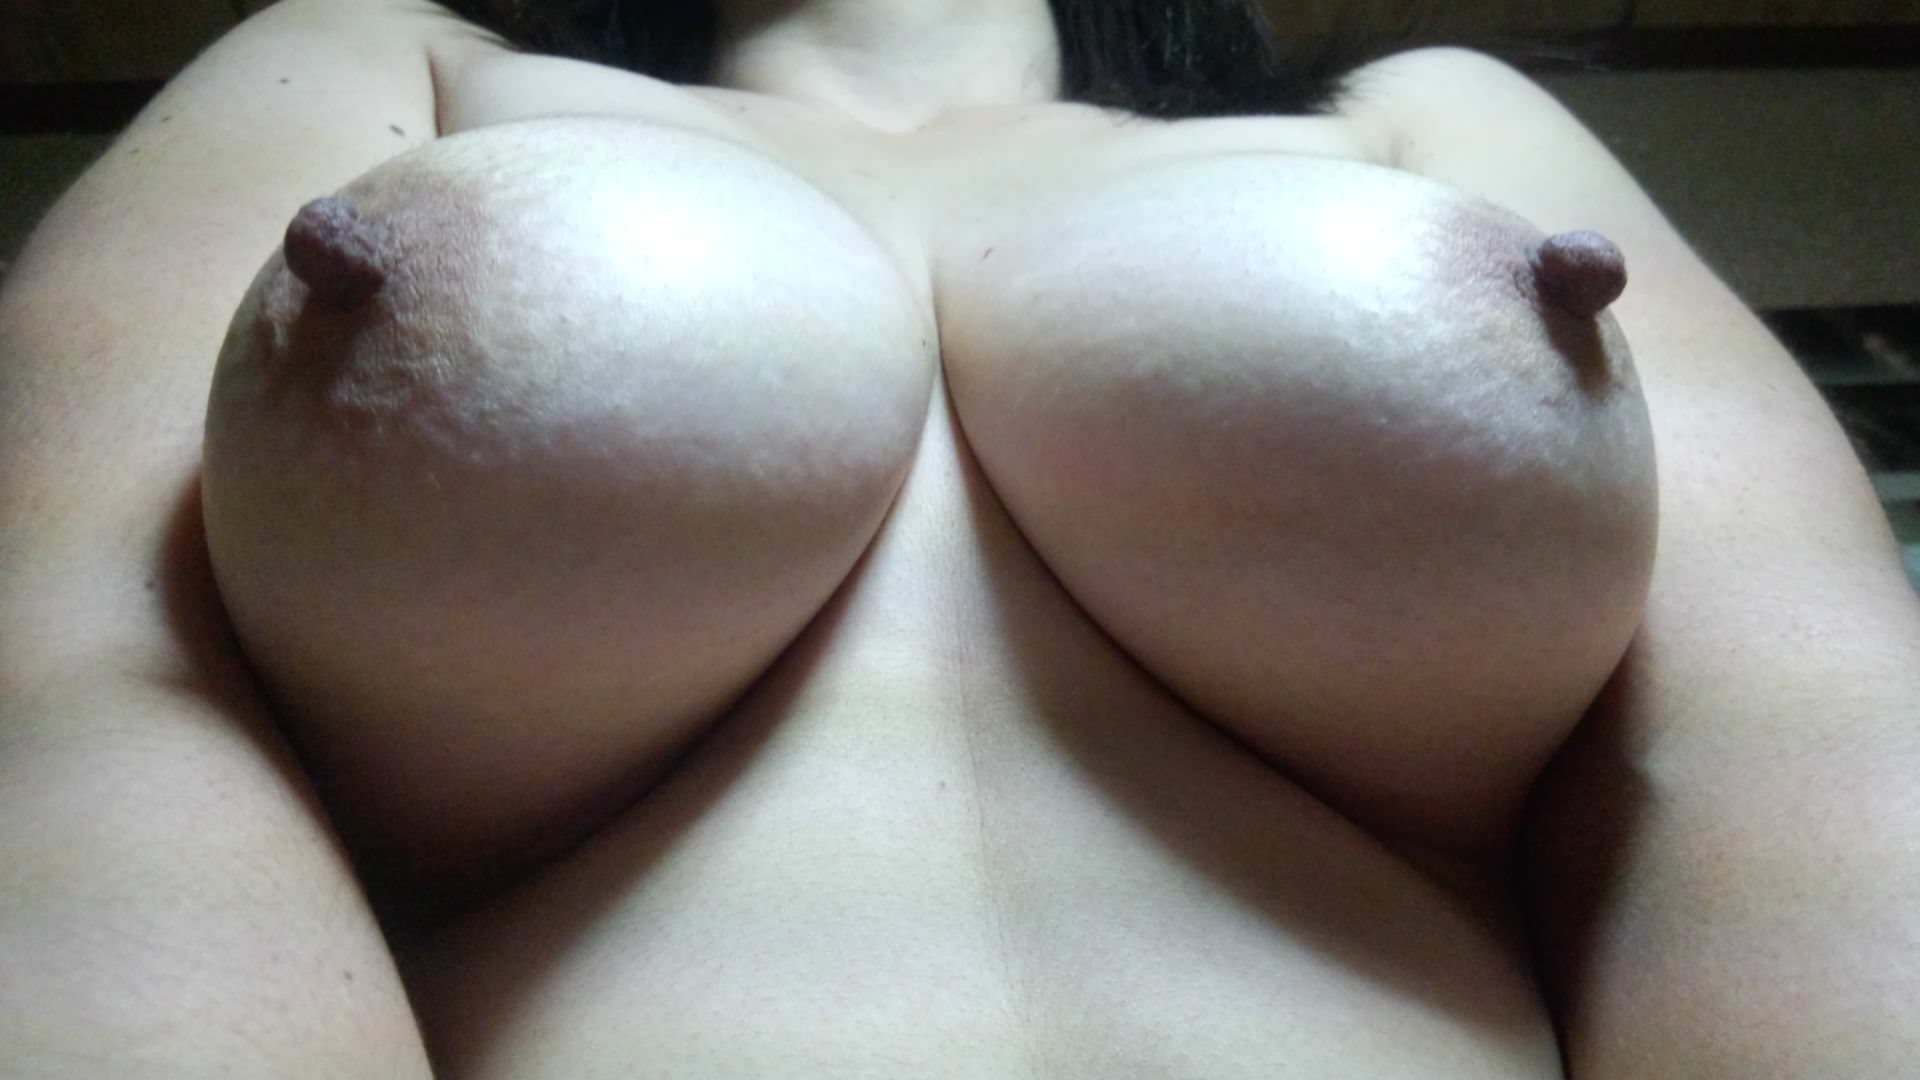 巨乳おっぱい熟女の豊満な身体ほんとすこwww 0815